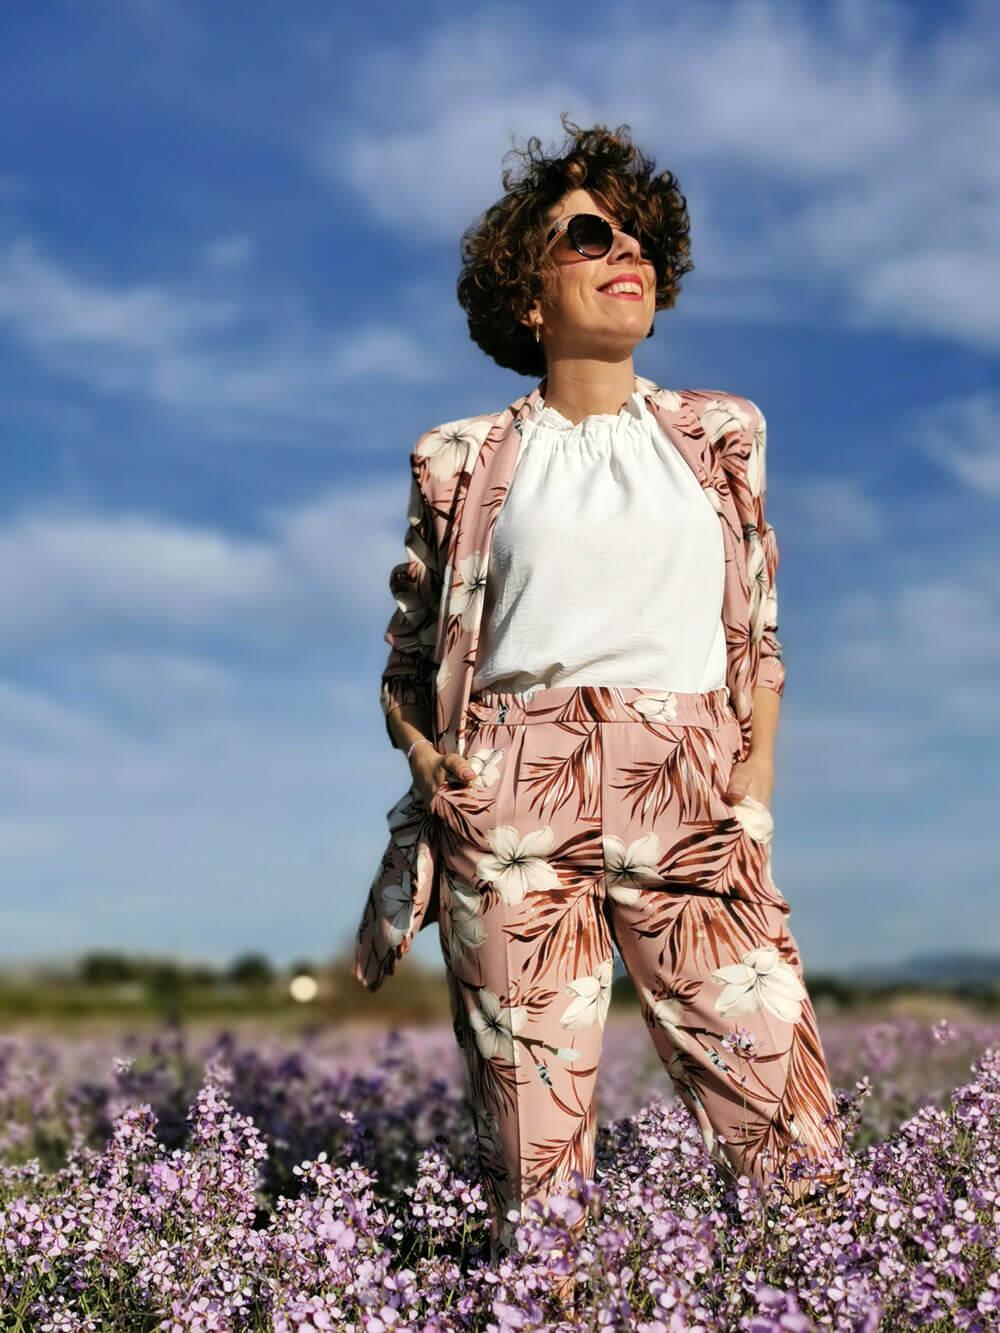 Plano americano, angulación frontal. Se ve a una mujer sonriente mirando al cielo mientras camina por un campo de flores violetas. Viste con una americana y pantalón de color rosa con motivos vegetales ramas y flores. Lleva abierta la americana y deja ver un sueter de algodón de color blanco.